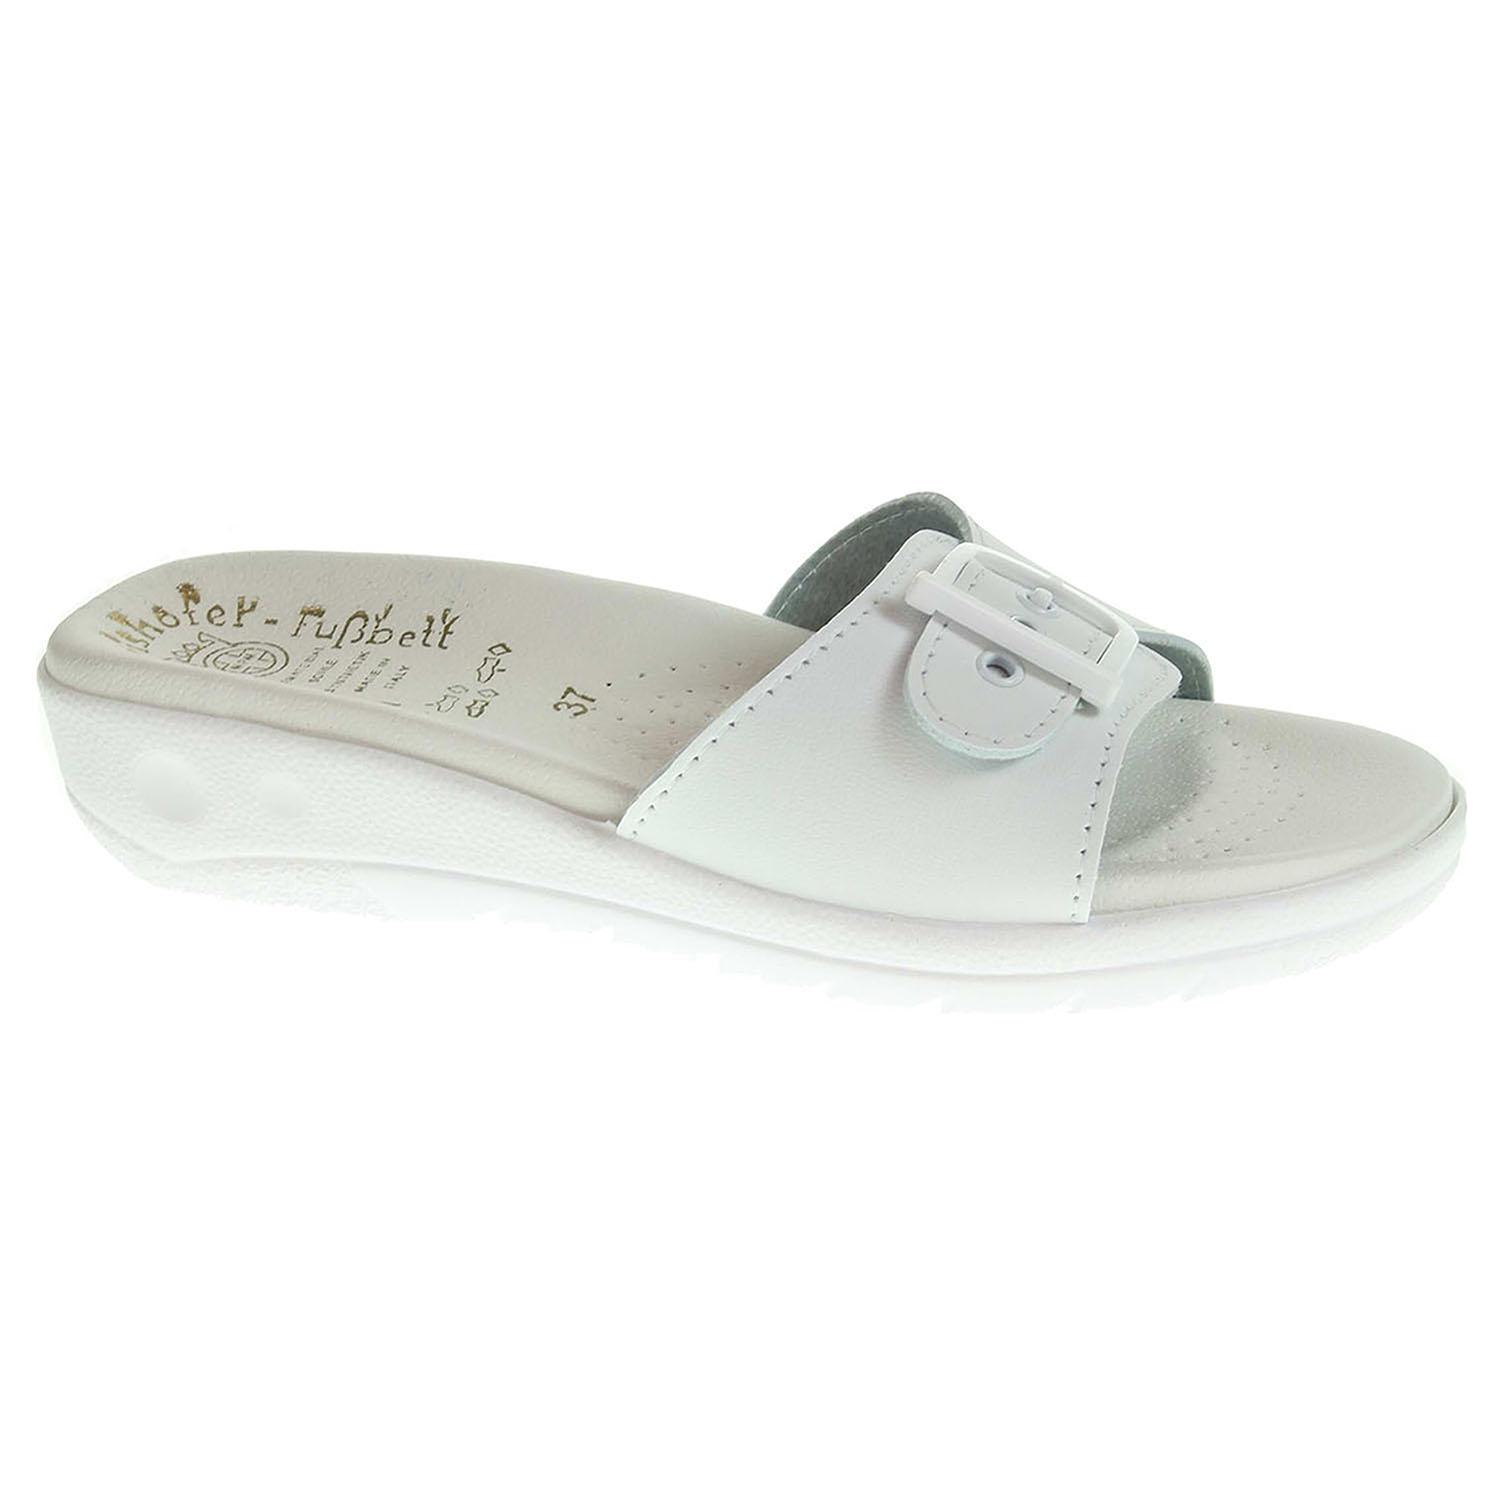 Dámské pantofle 5-20105 bílé 5-20105 bílá 37